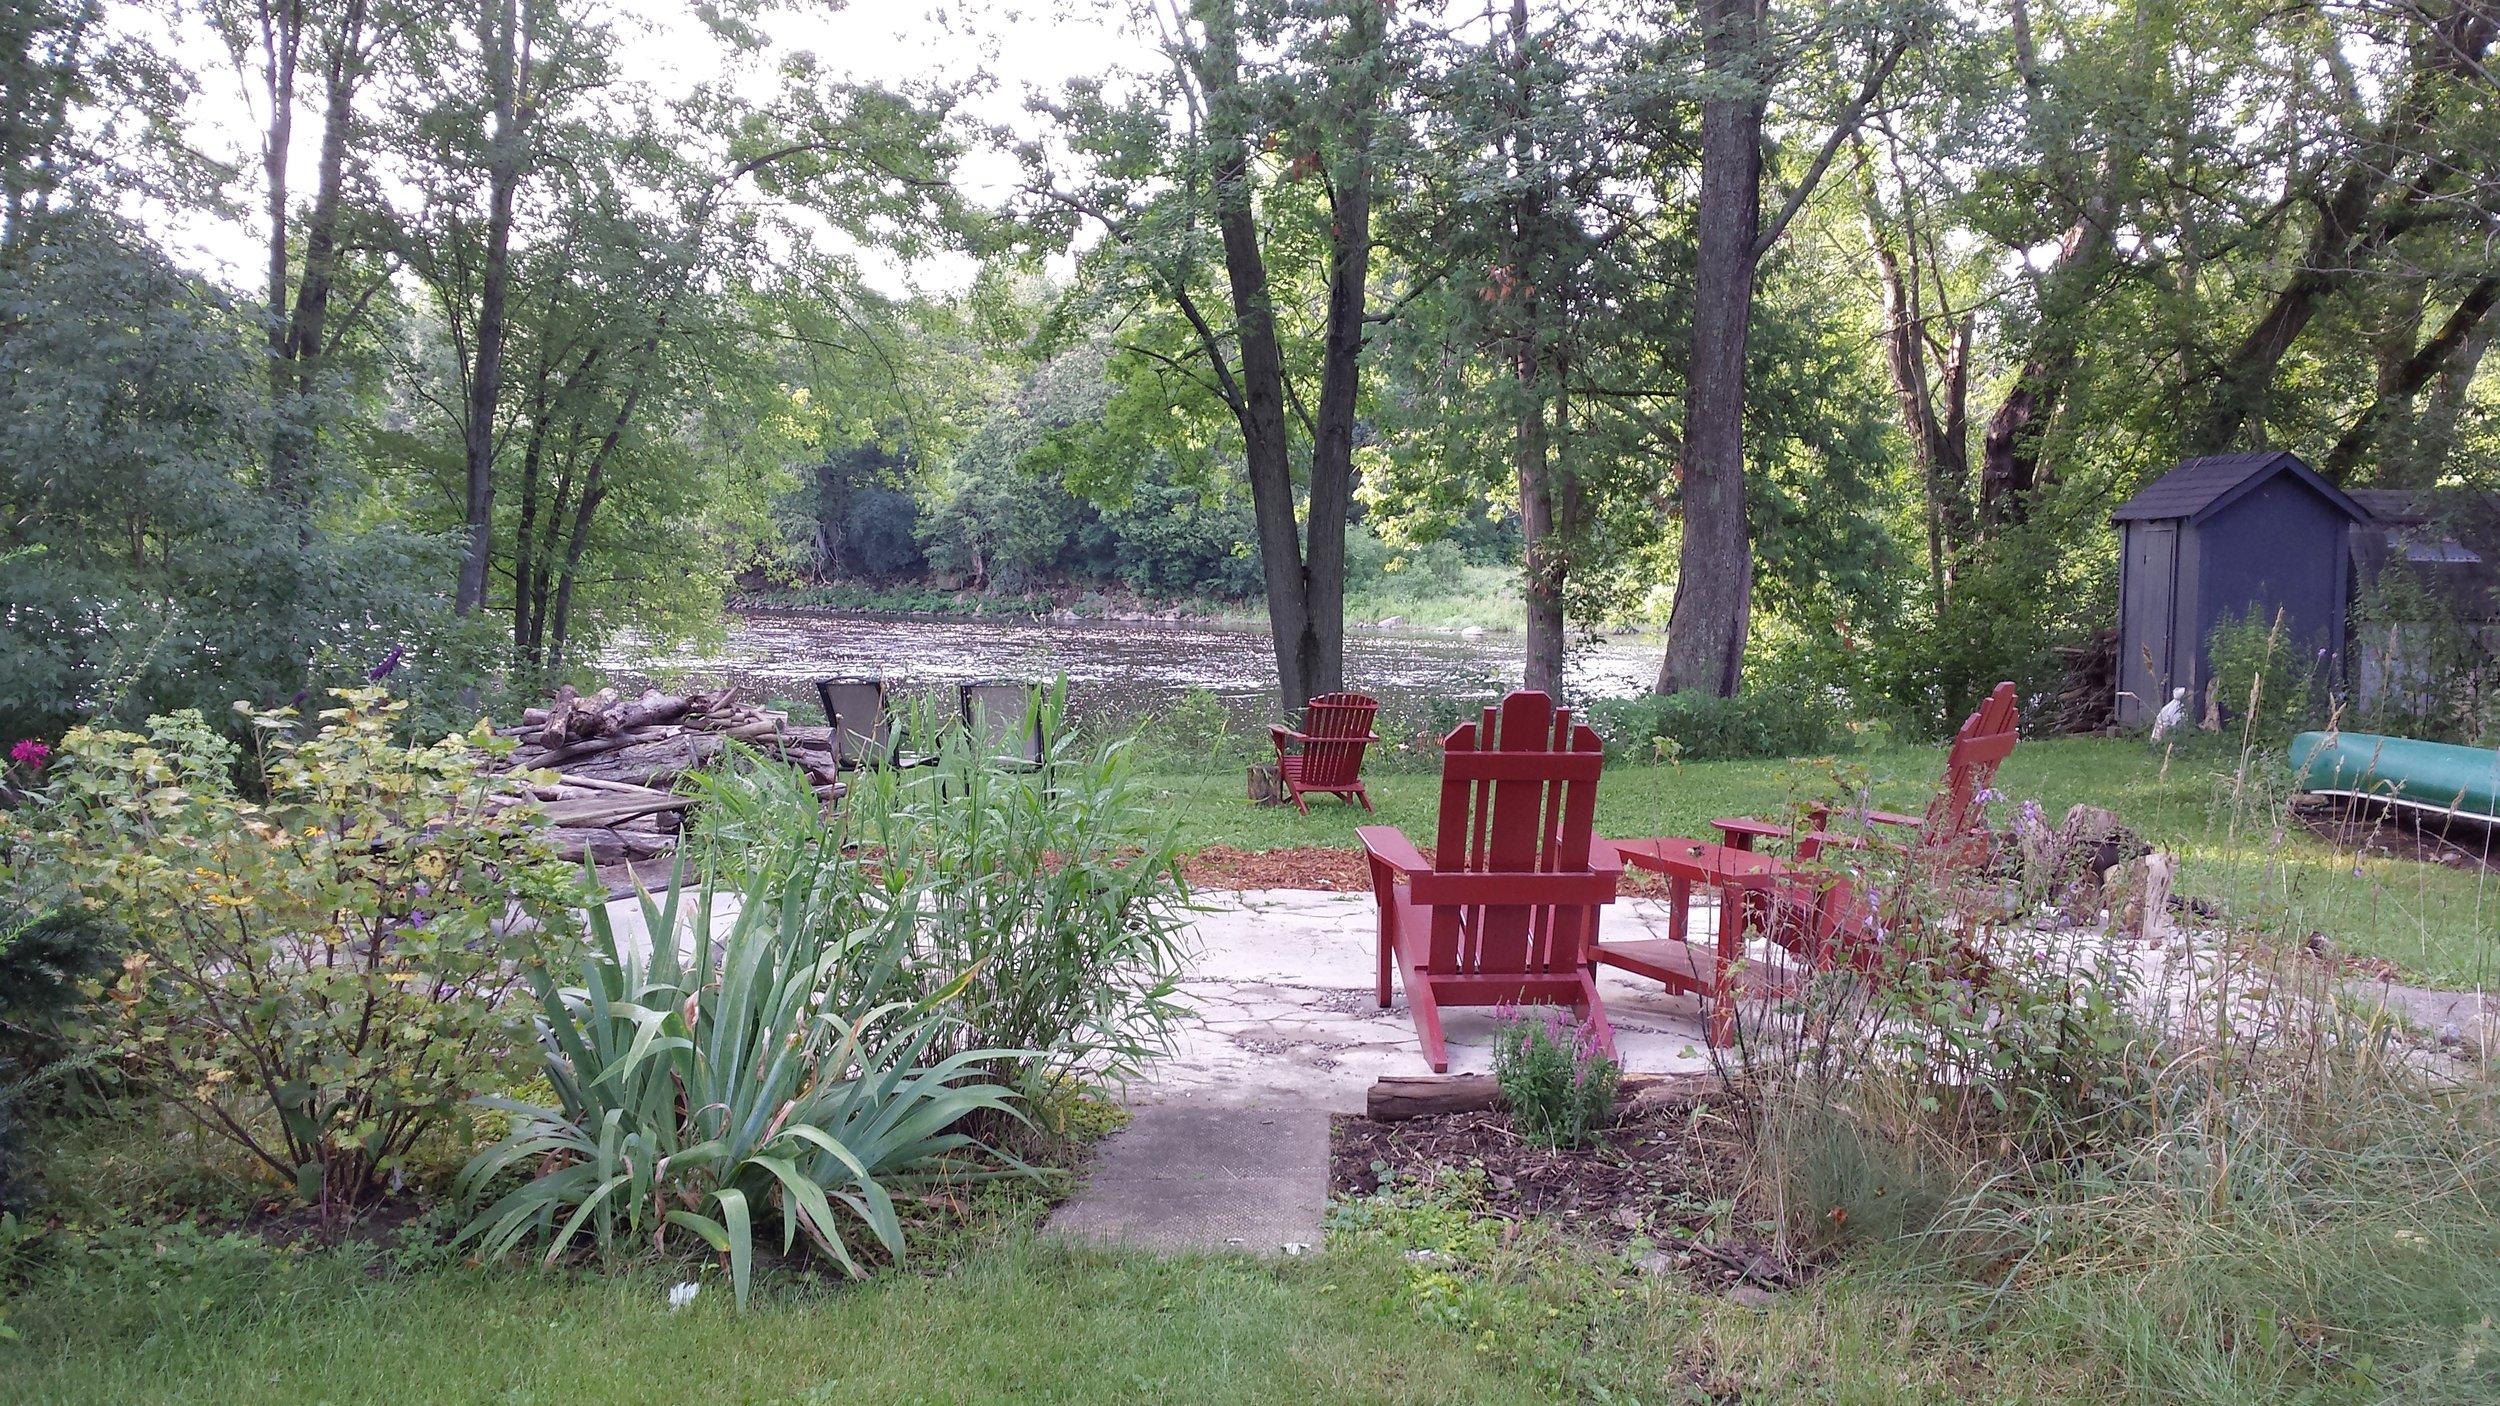 128 Hoskin Rd simplybellevillerealestate.com Riverview.jpg